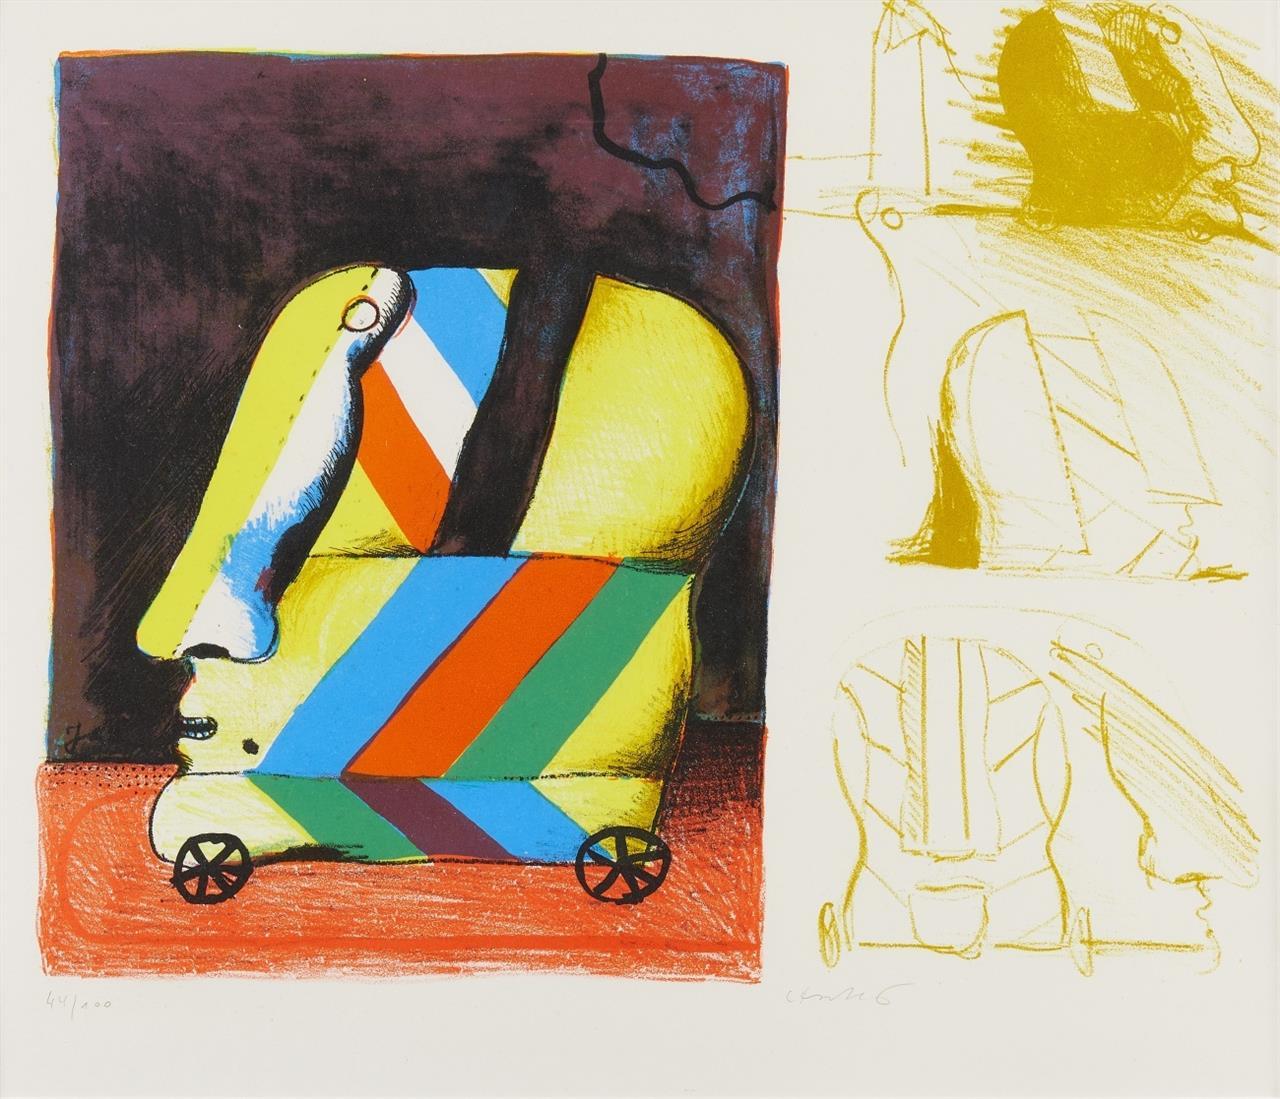 Horst Antes. Zu: Symbiosion. 1965/67. 2 Blatt Farblithographien. Je signiert. Je Ex. 44/100. Lutze 541 (6) bzw. 541 (2).